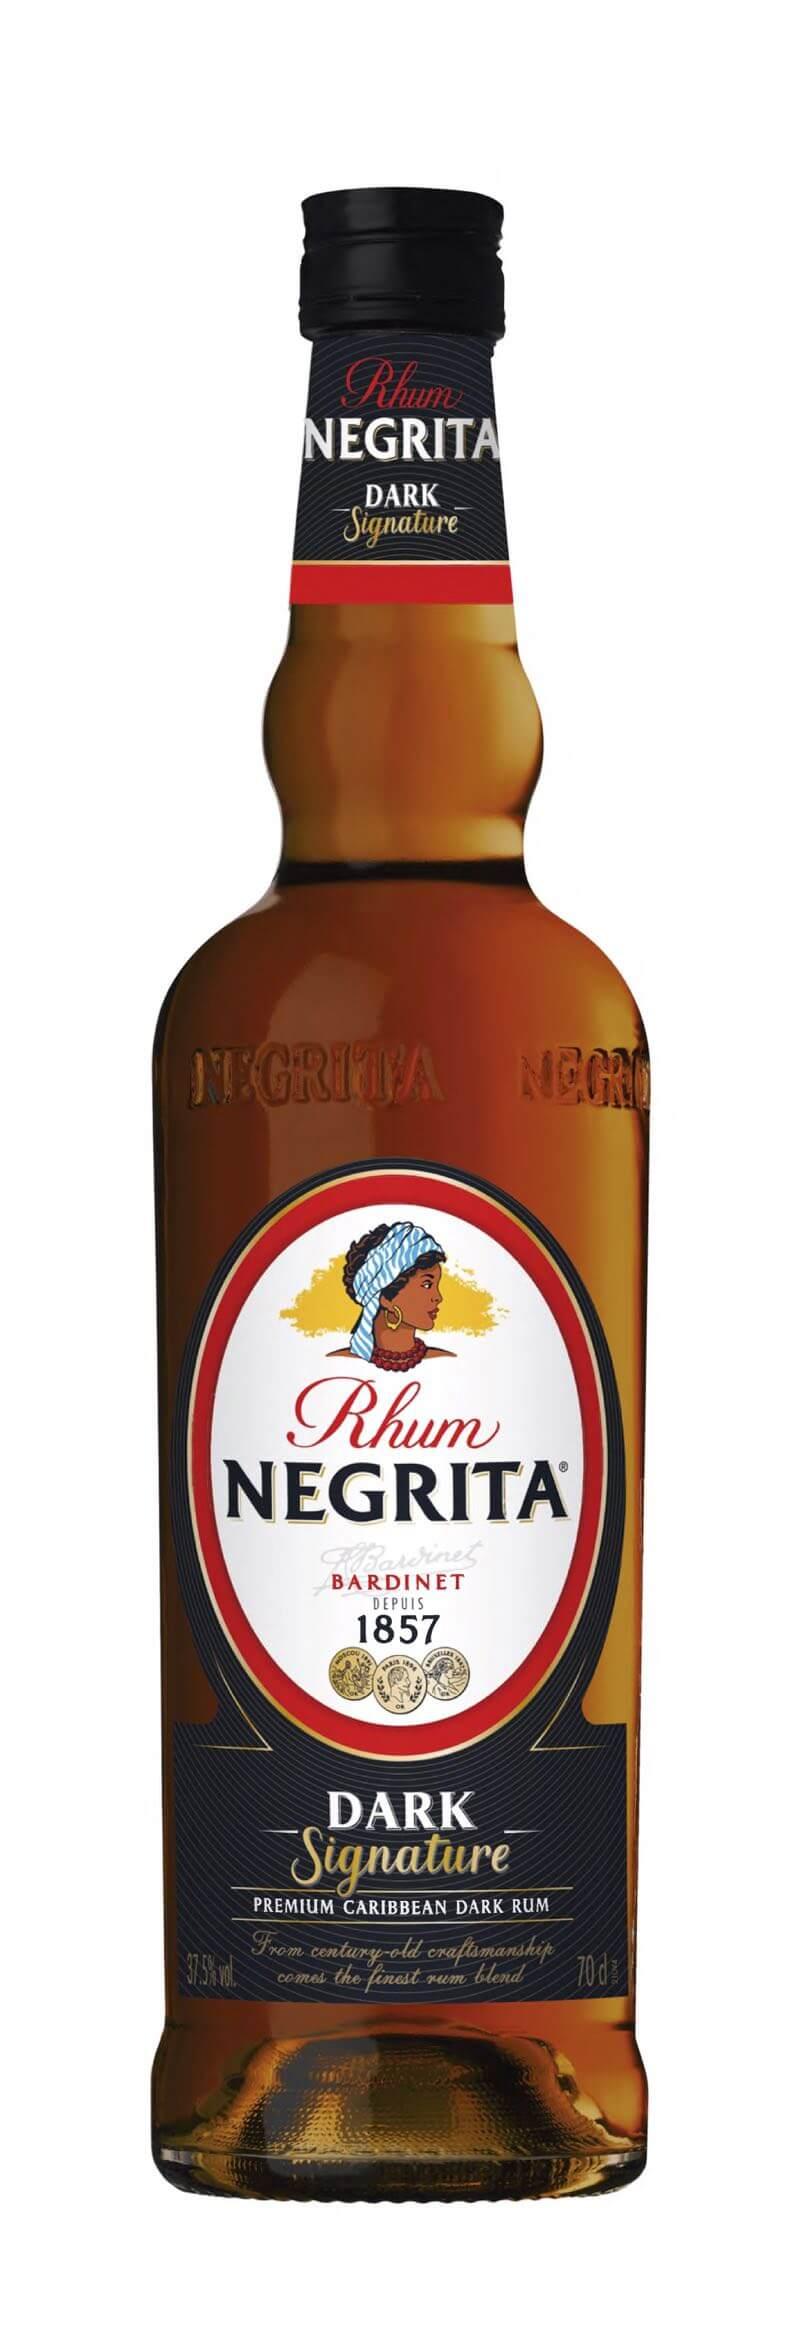 NEGRITA Dark 37,5% 0,7 l